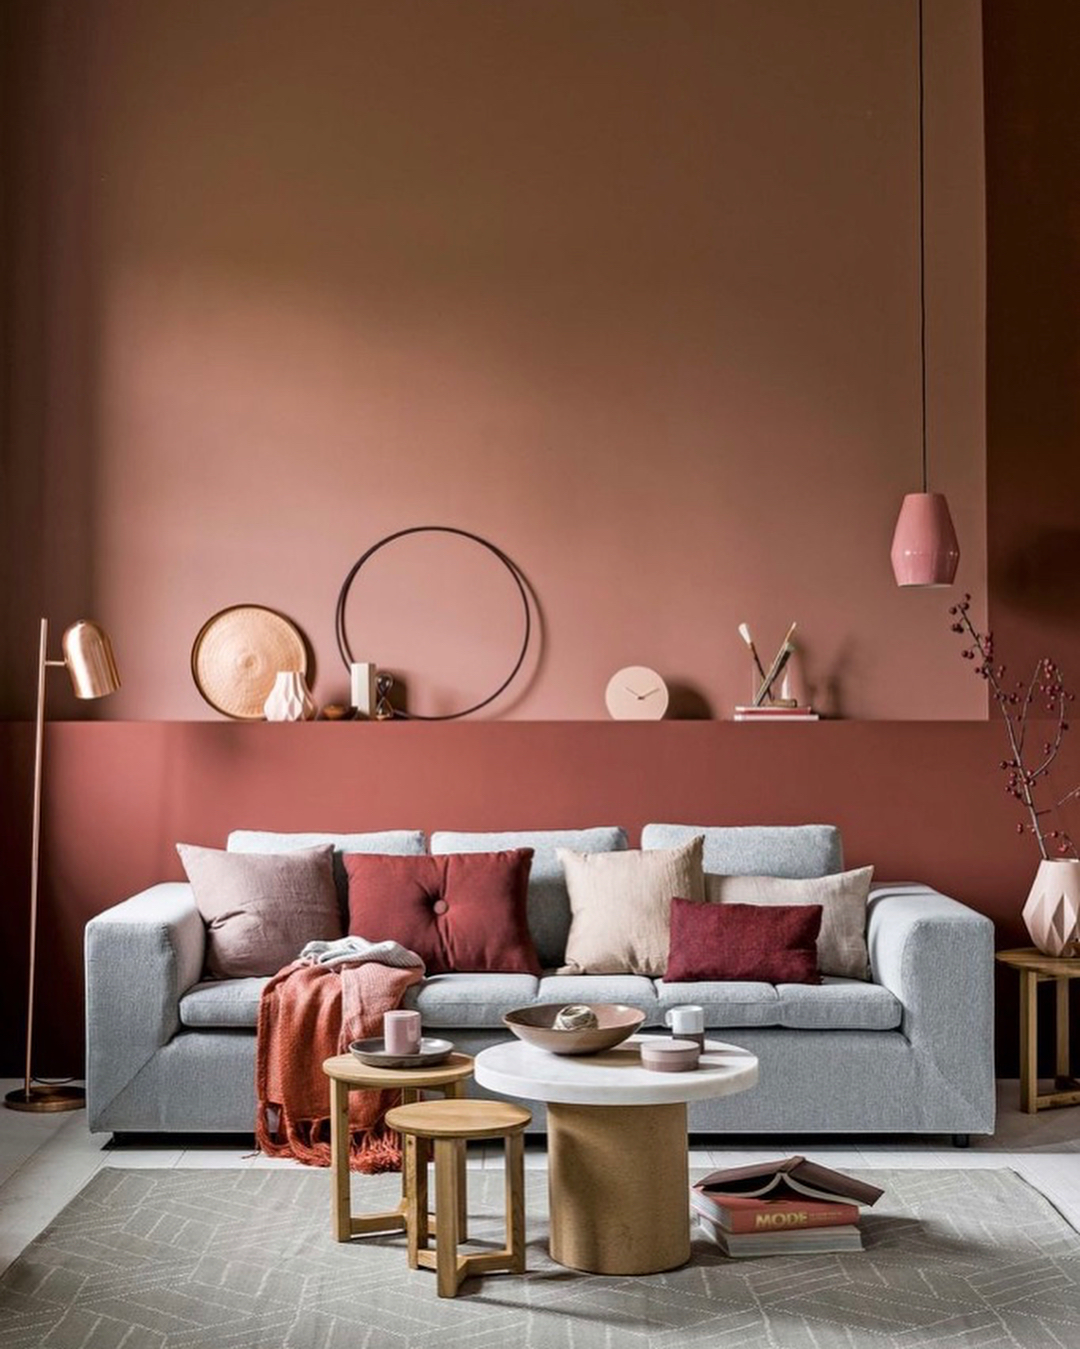 Top 10 Interior Paint Colors Trending For 2019 Trendbook Trend